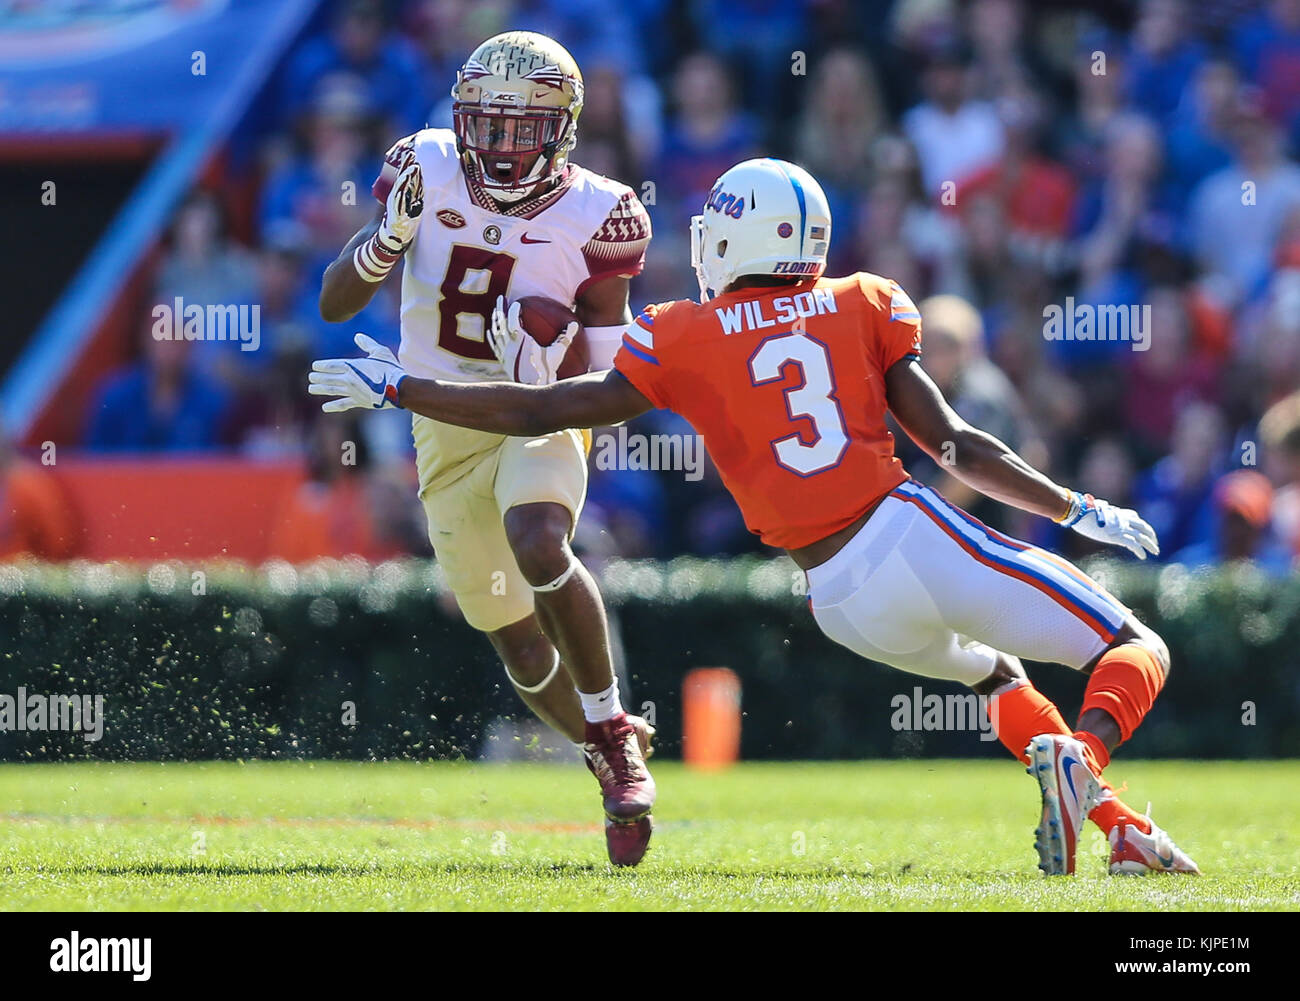 Florida, USA. 25th Nov, 2017. Florida State Seminoles wide receiver ...